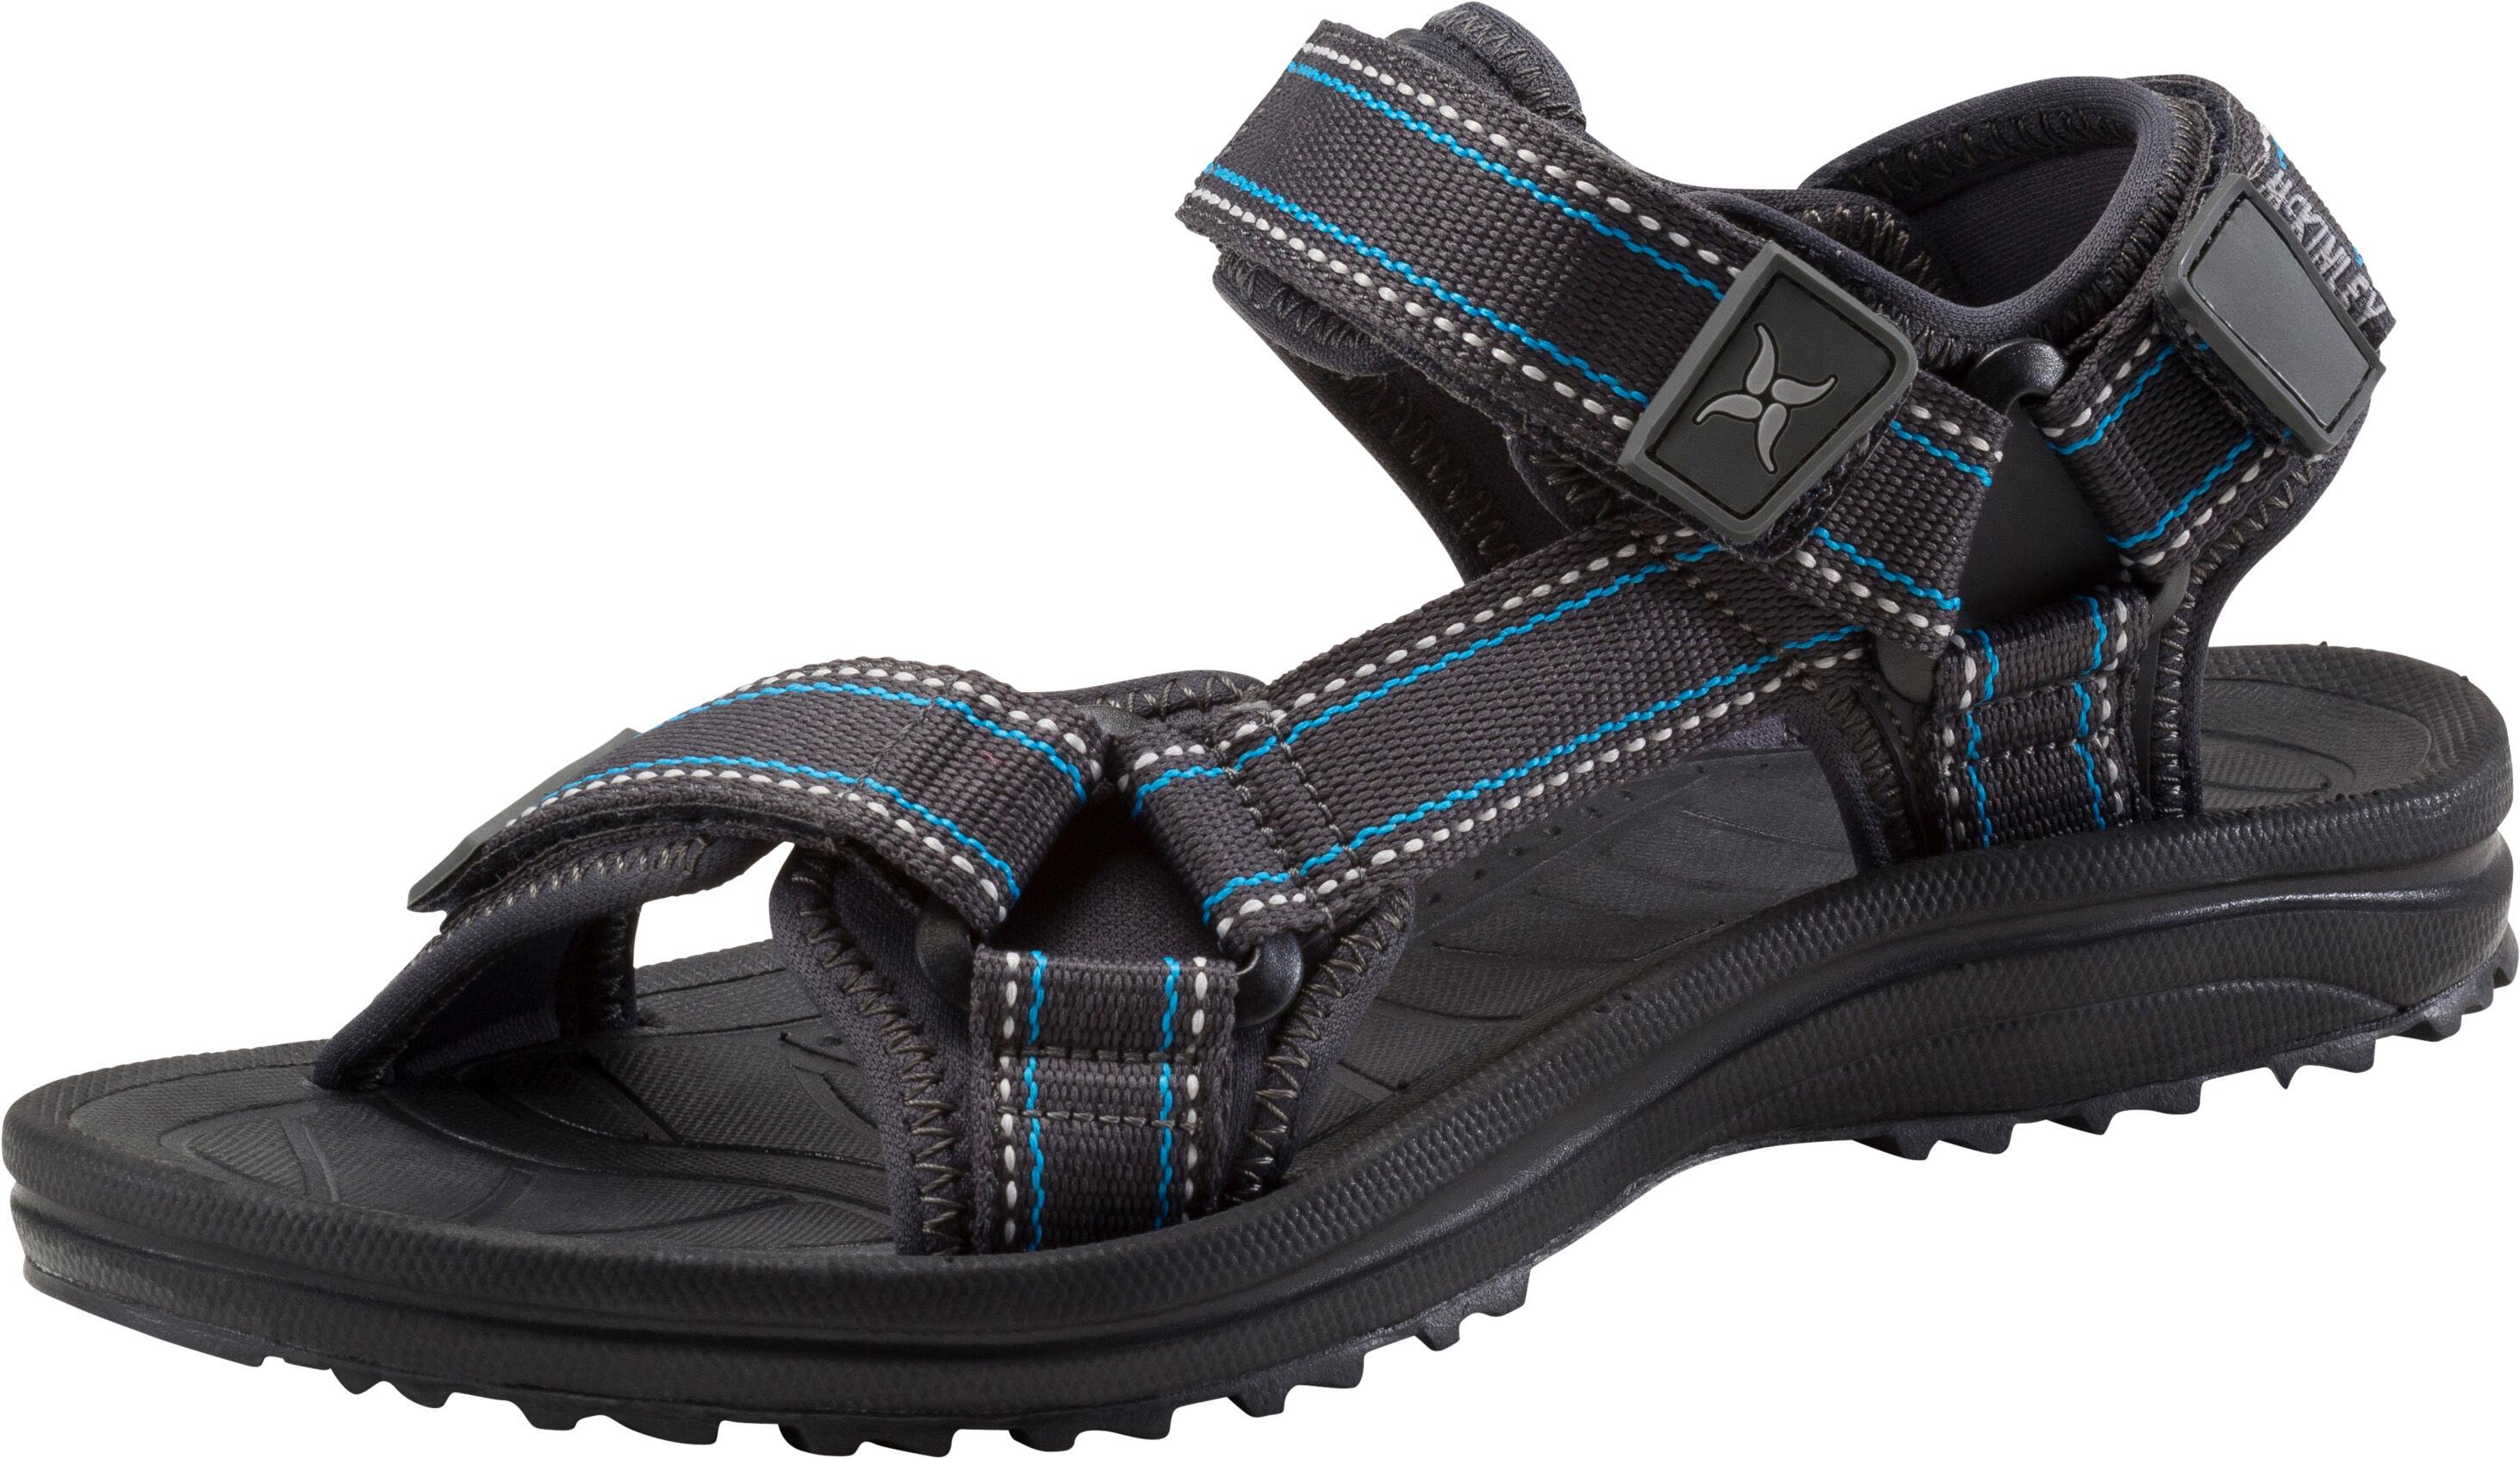 Sandalen & Zehentrenner für Damen kaufen | INTERSPORT